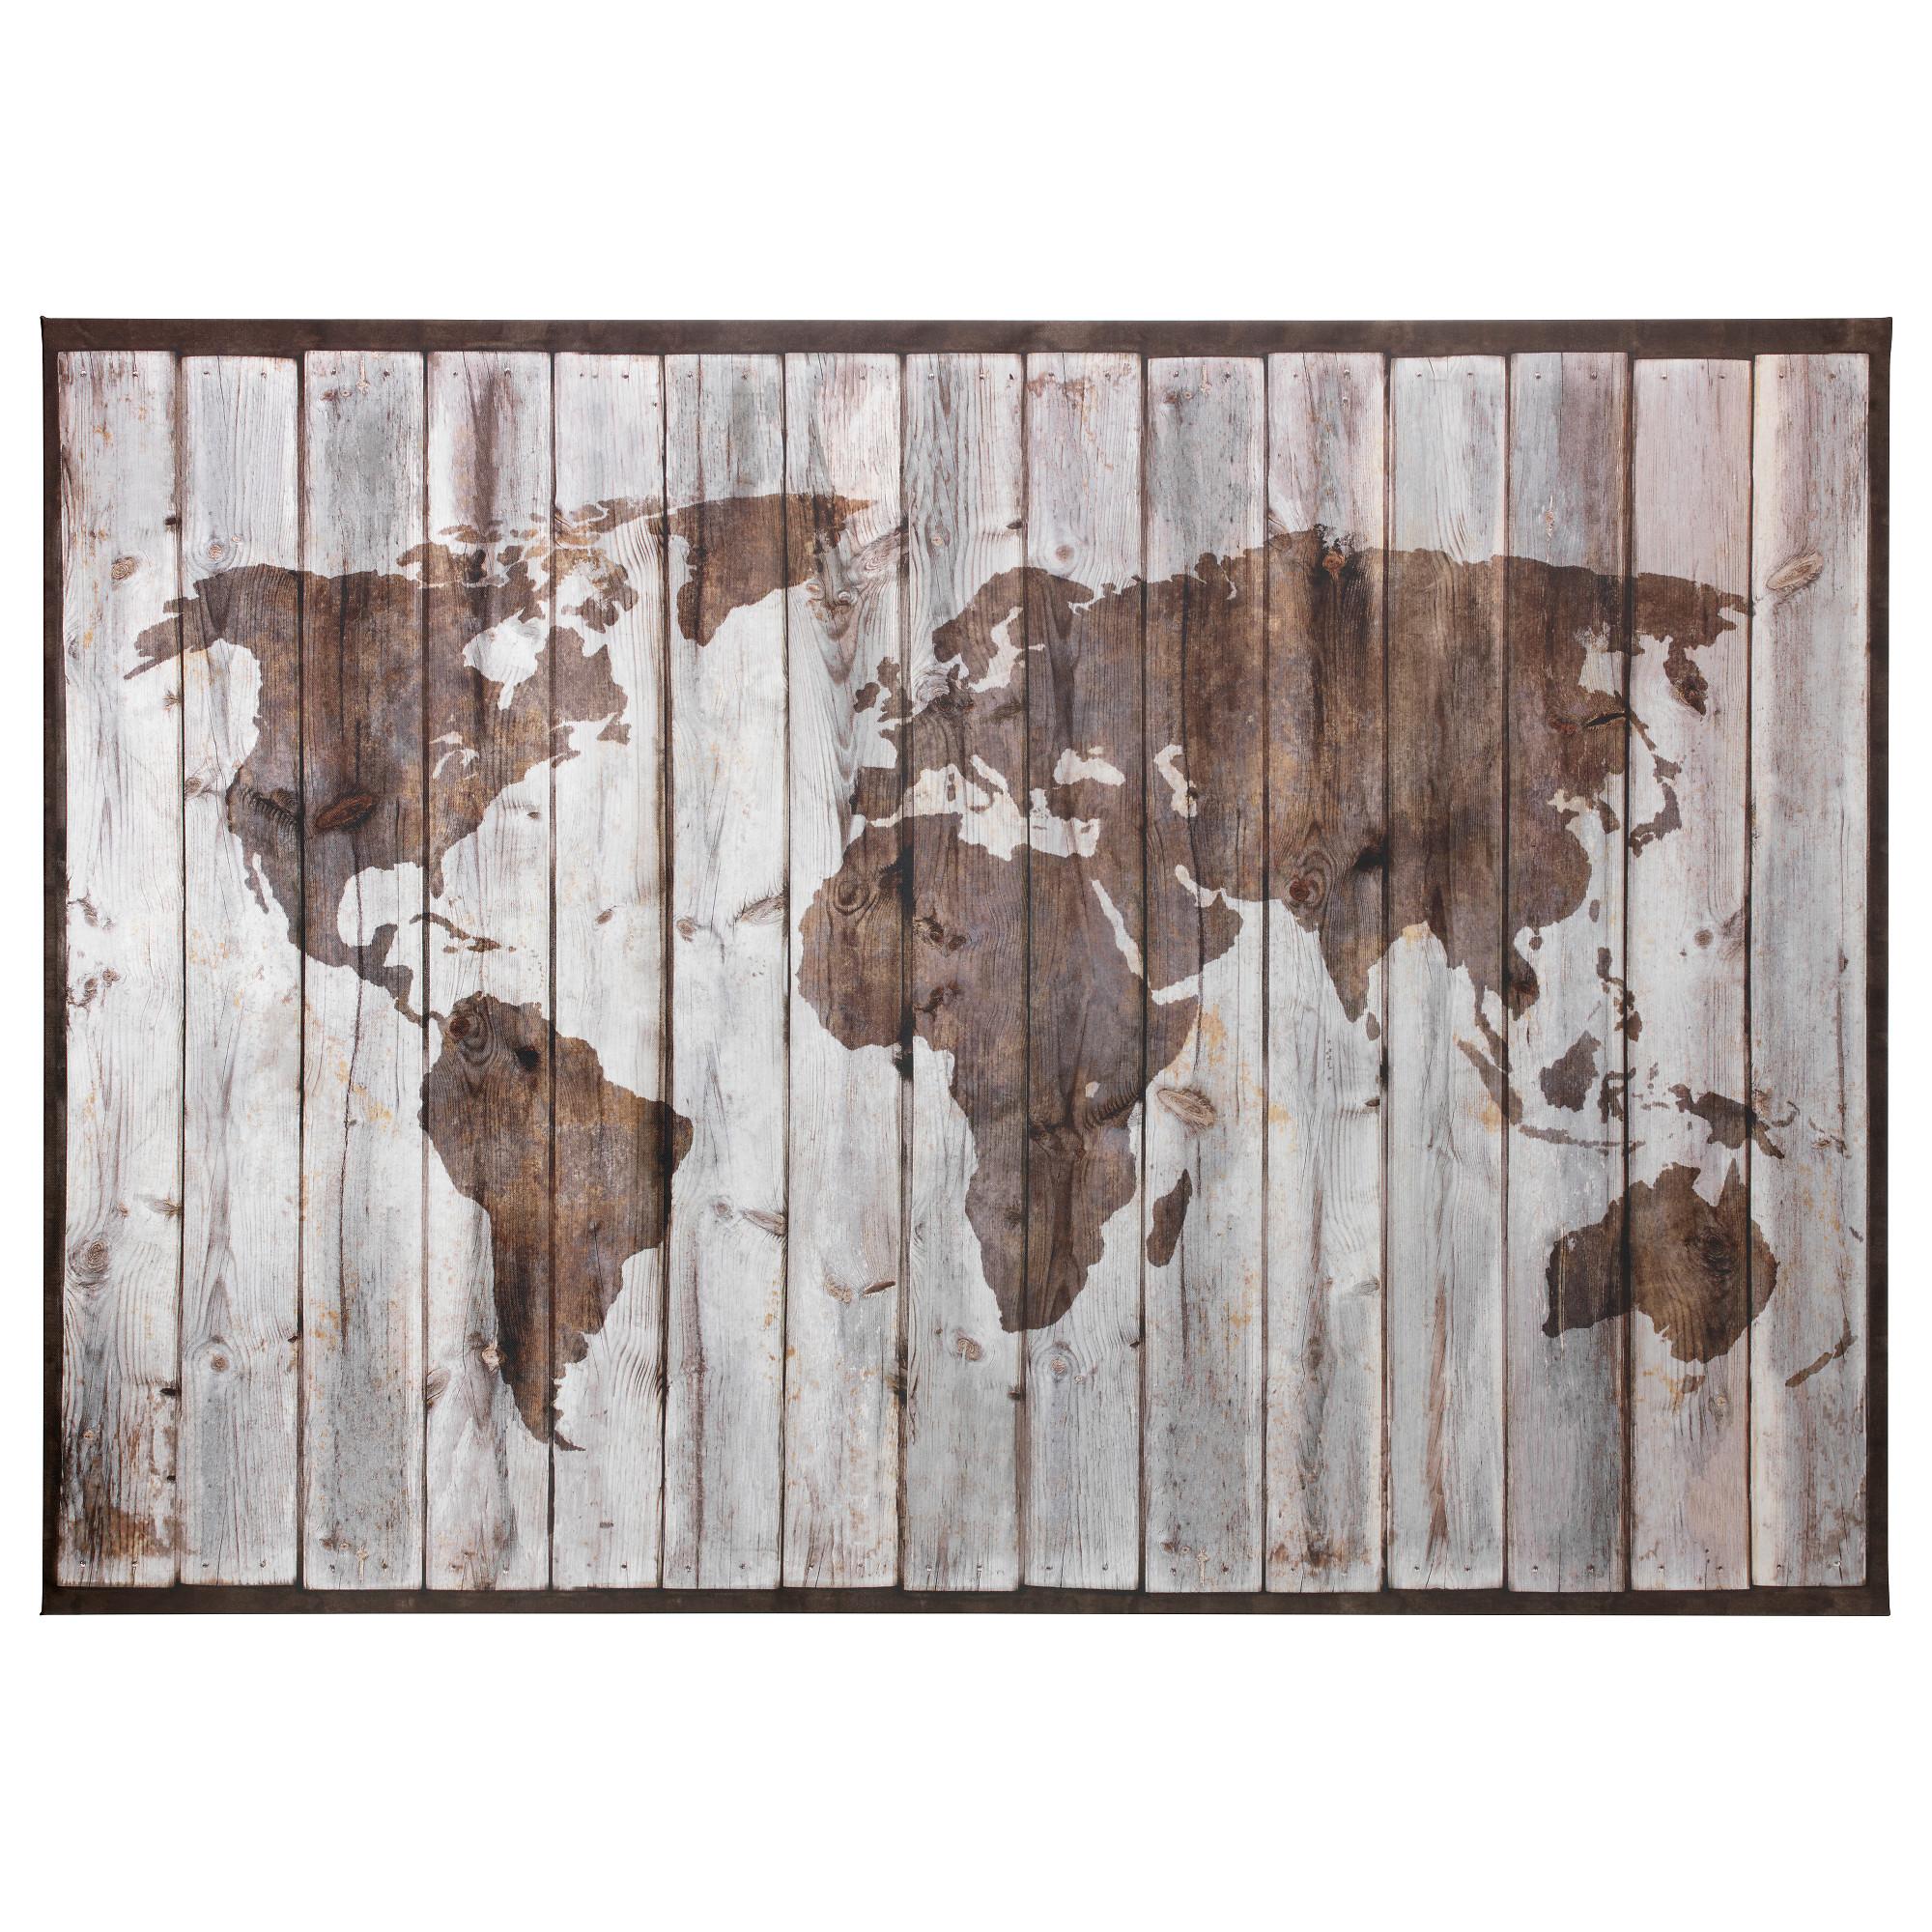 купить картина премиэр карта мира в Ikea минск стоимость фото и